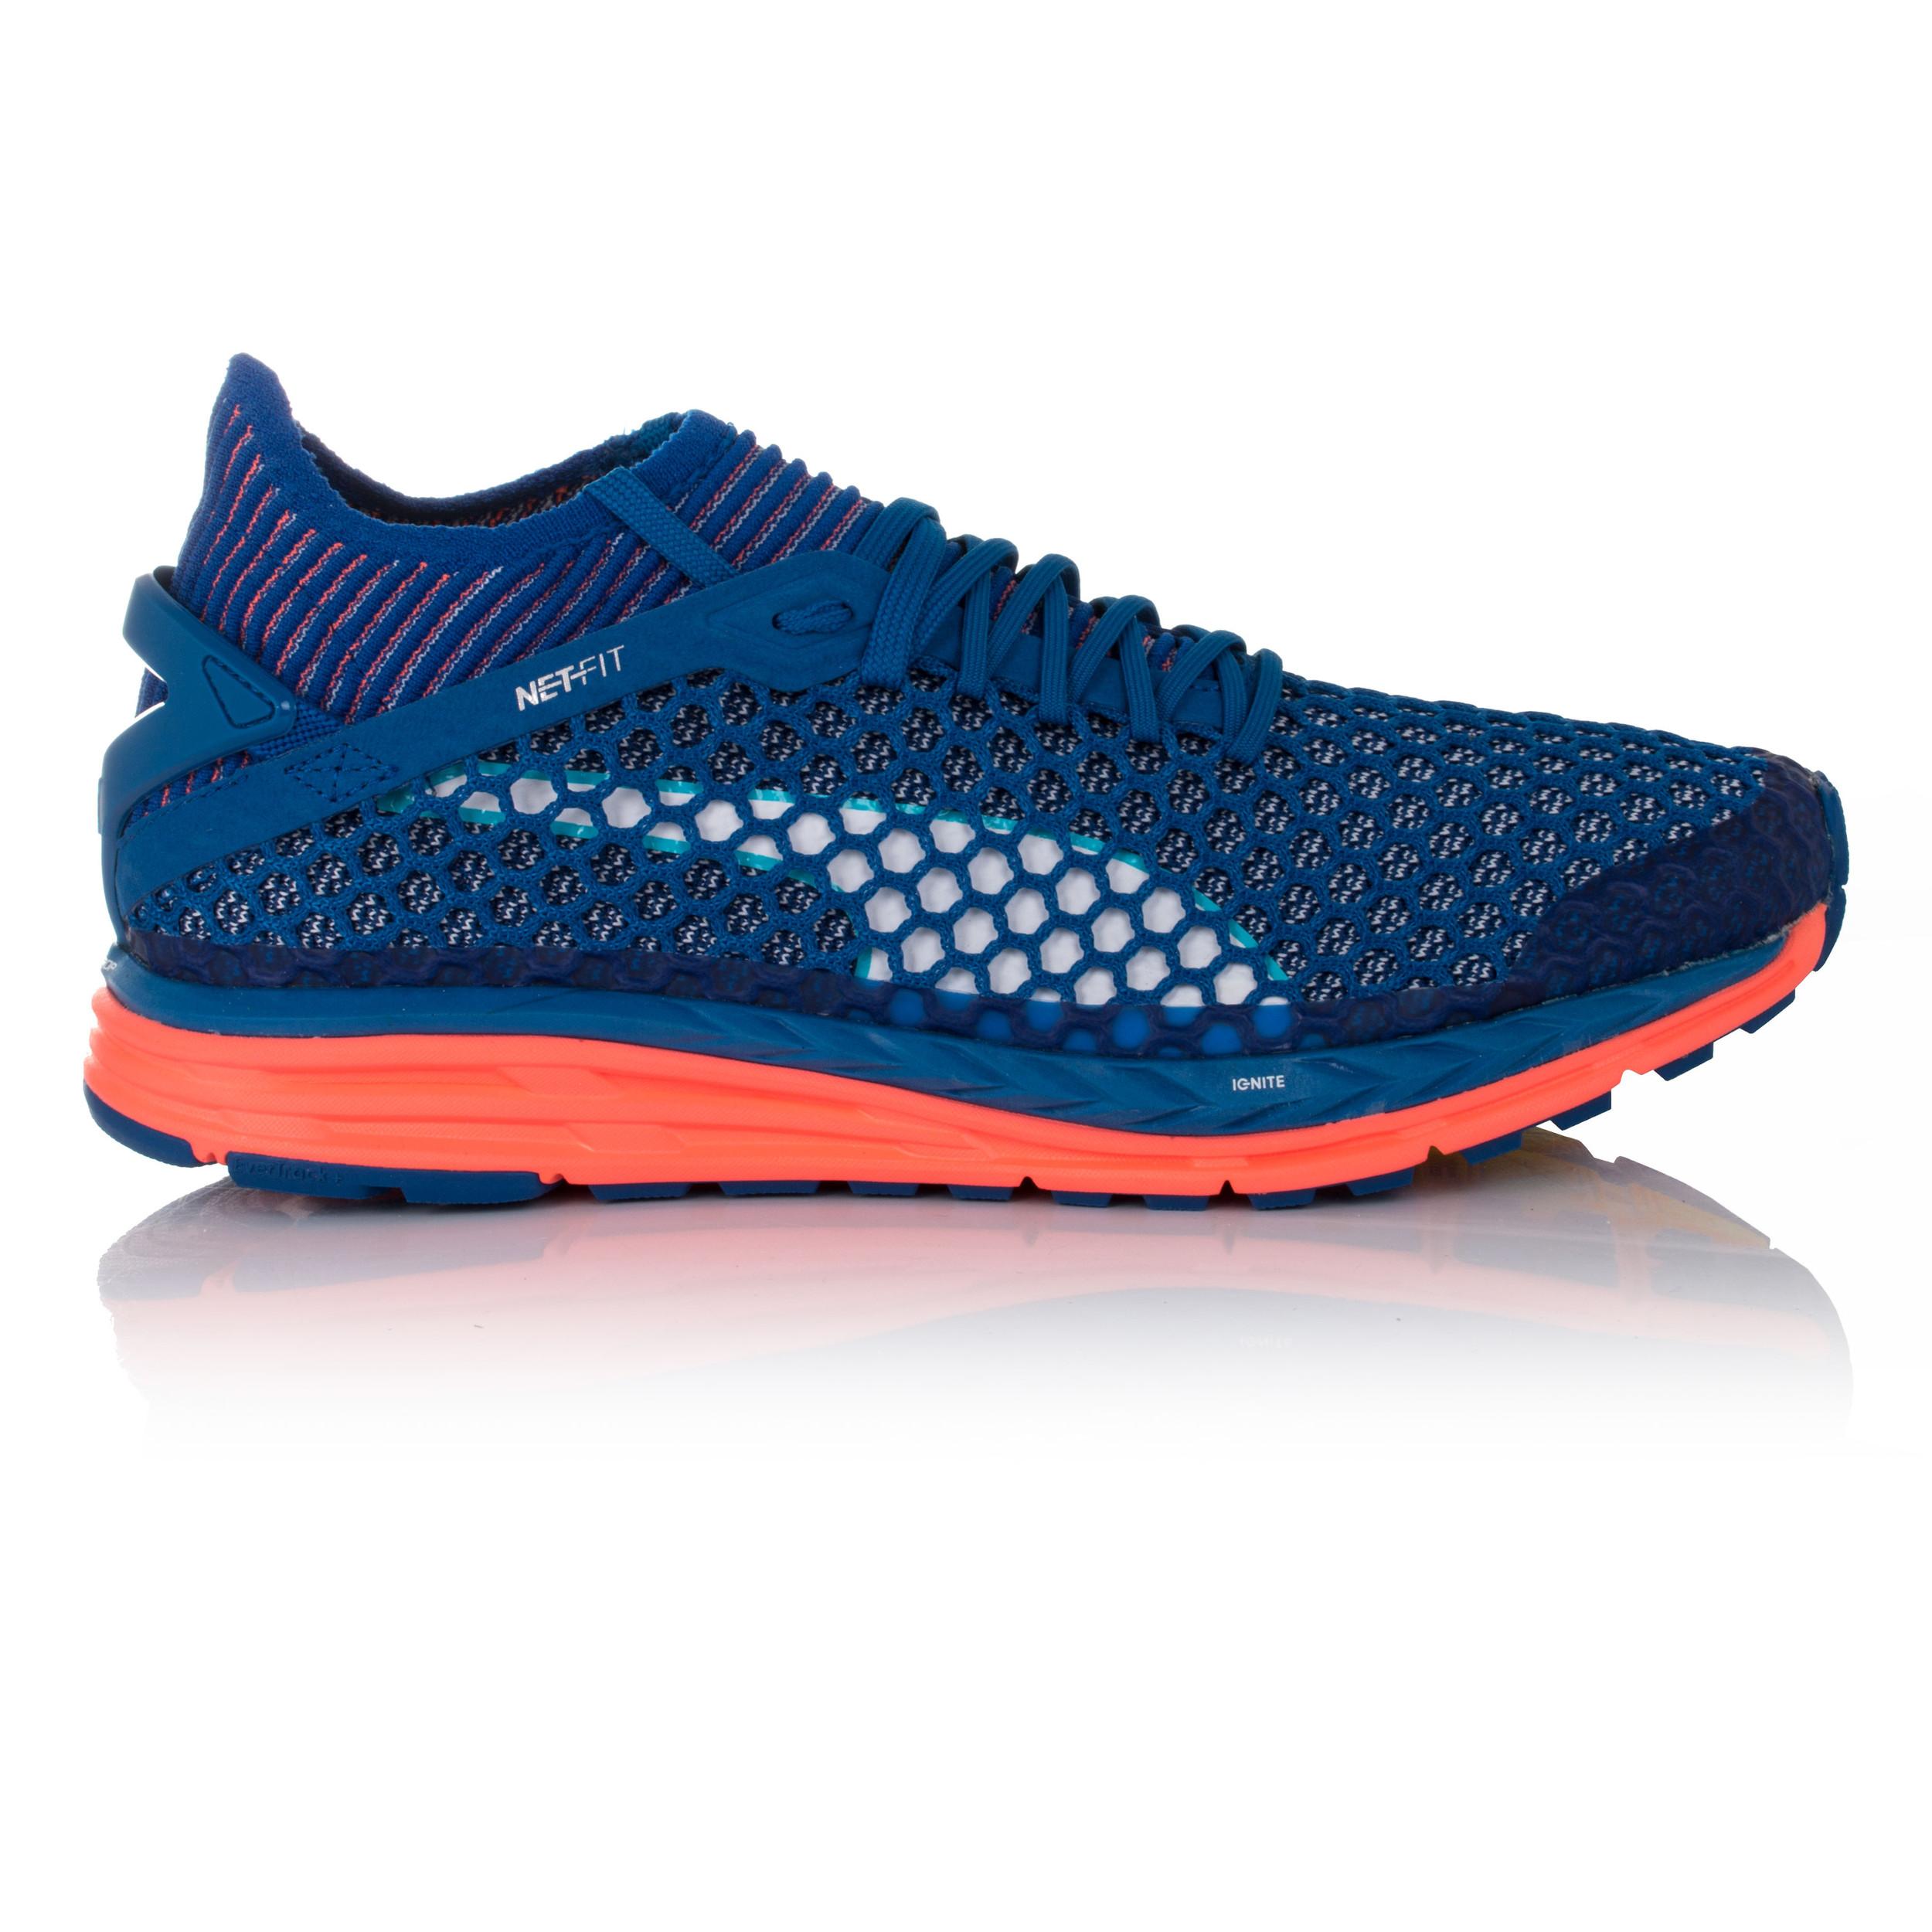 Puma Donna Blu Speed IGNITE Netfit Scarpe Da Corsa Ginnastica Sport Sneakers